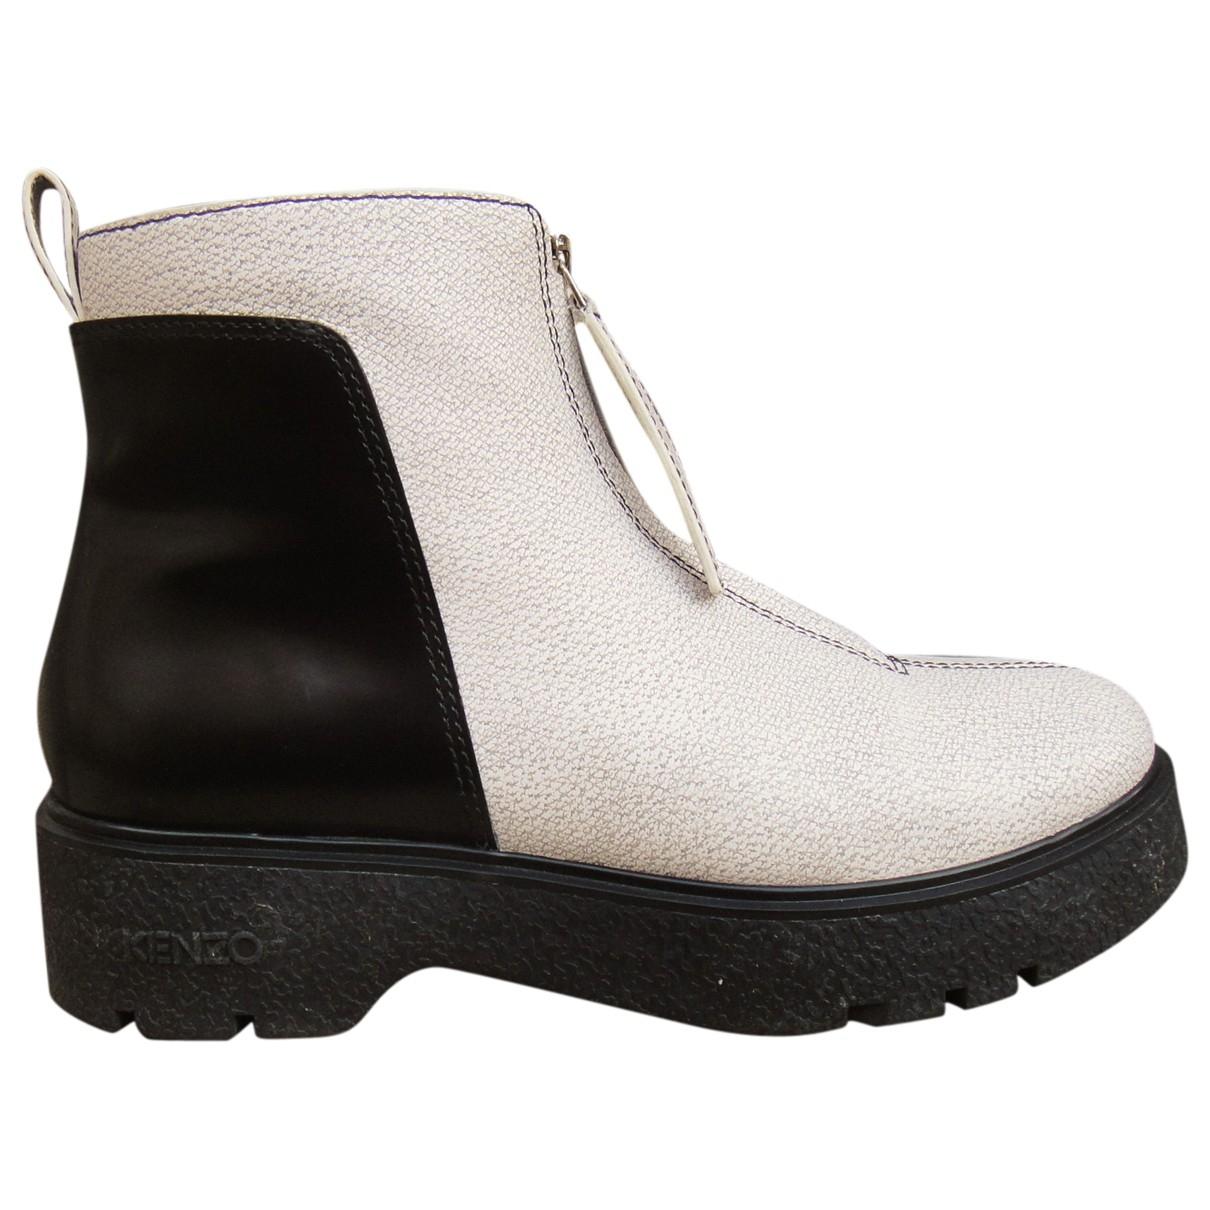 Kenzo - Boots   pour femme en cuir - blanc